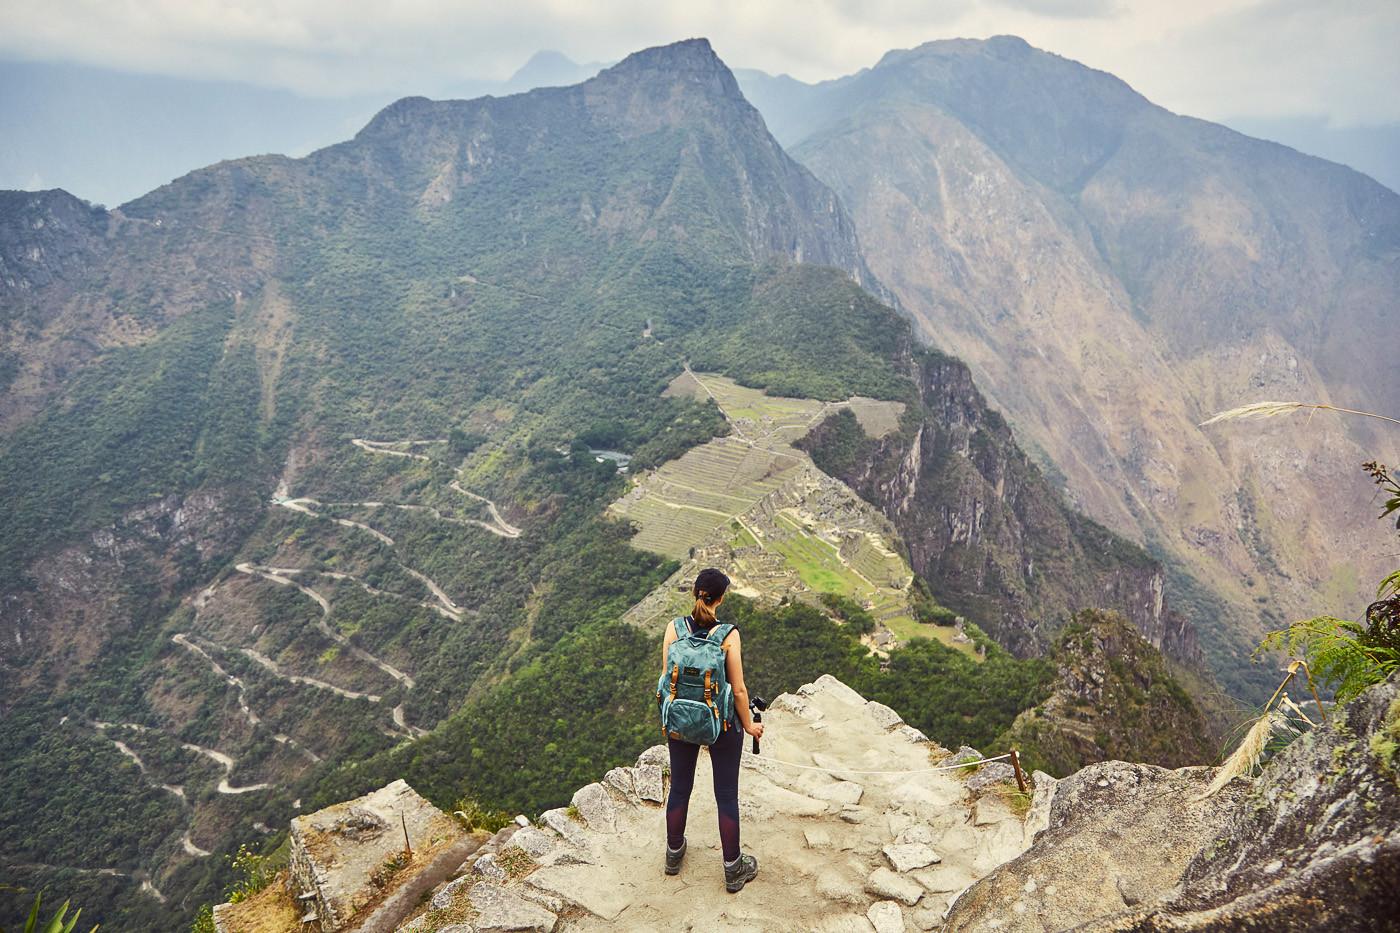 Hier stehe ich ueber Machu Picchu, wir haben die Wanderung auf den Huayna Picchu geschafft!